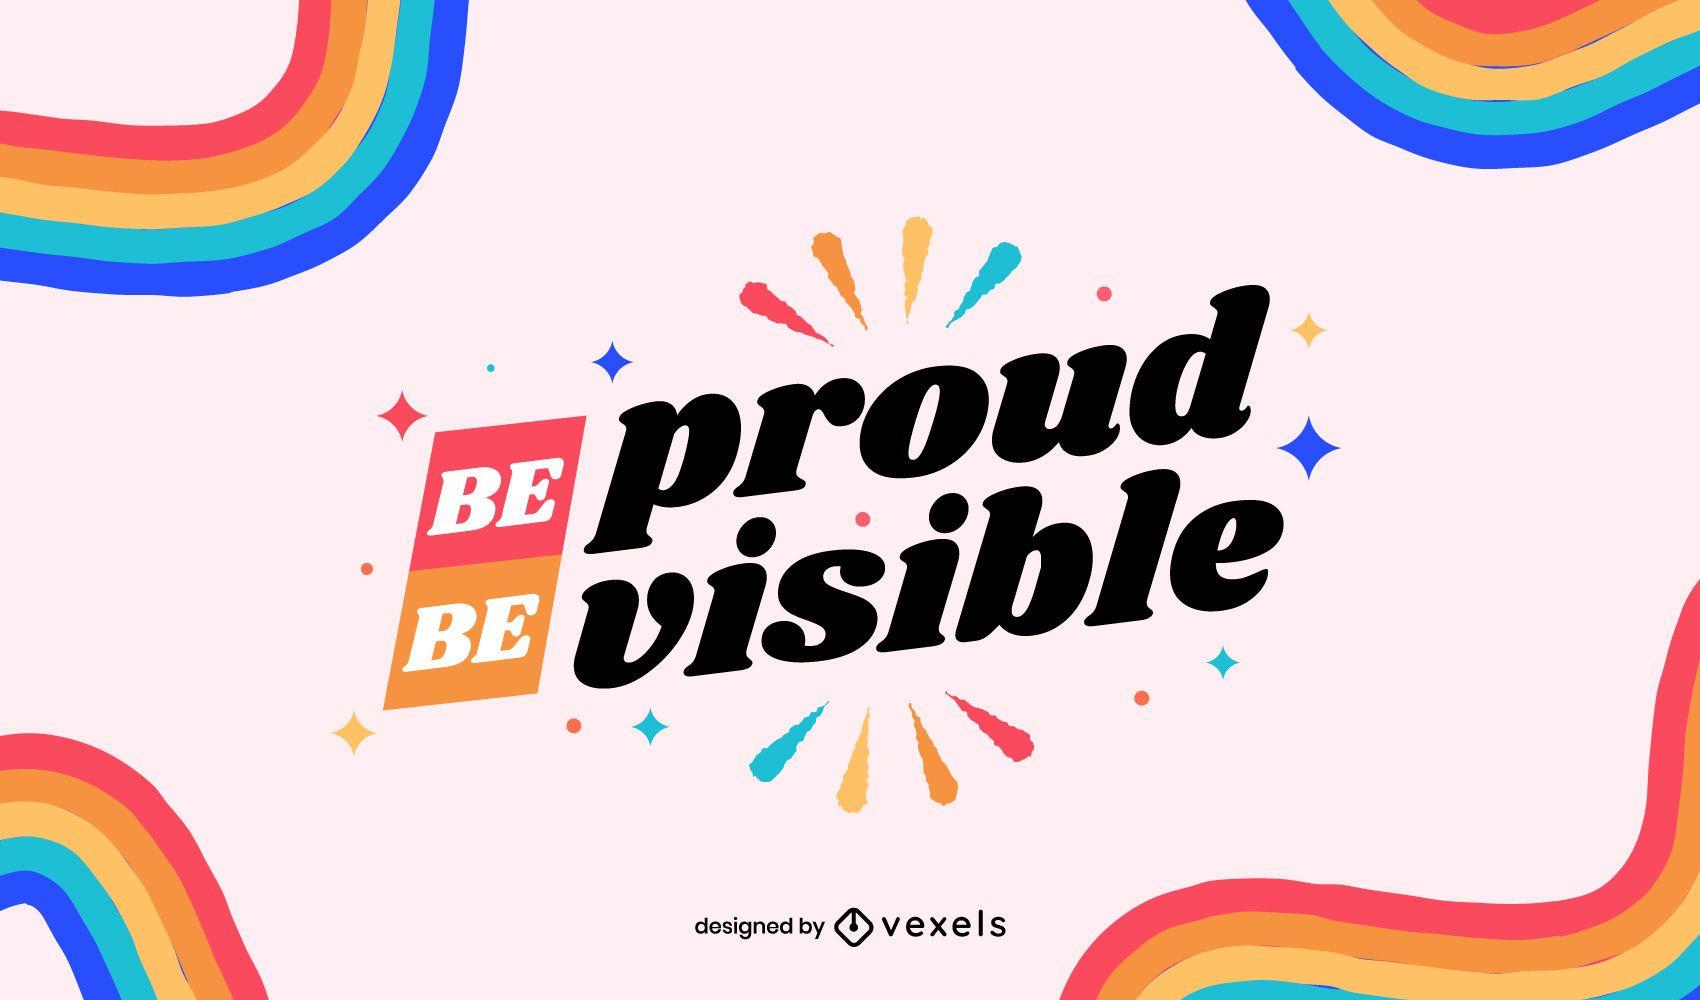 Tenha orgulho de ter letras visíveis